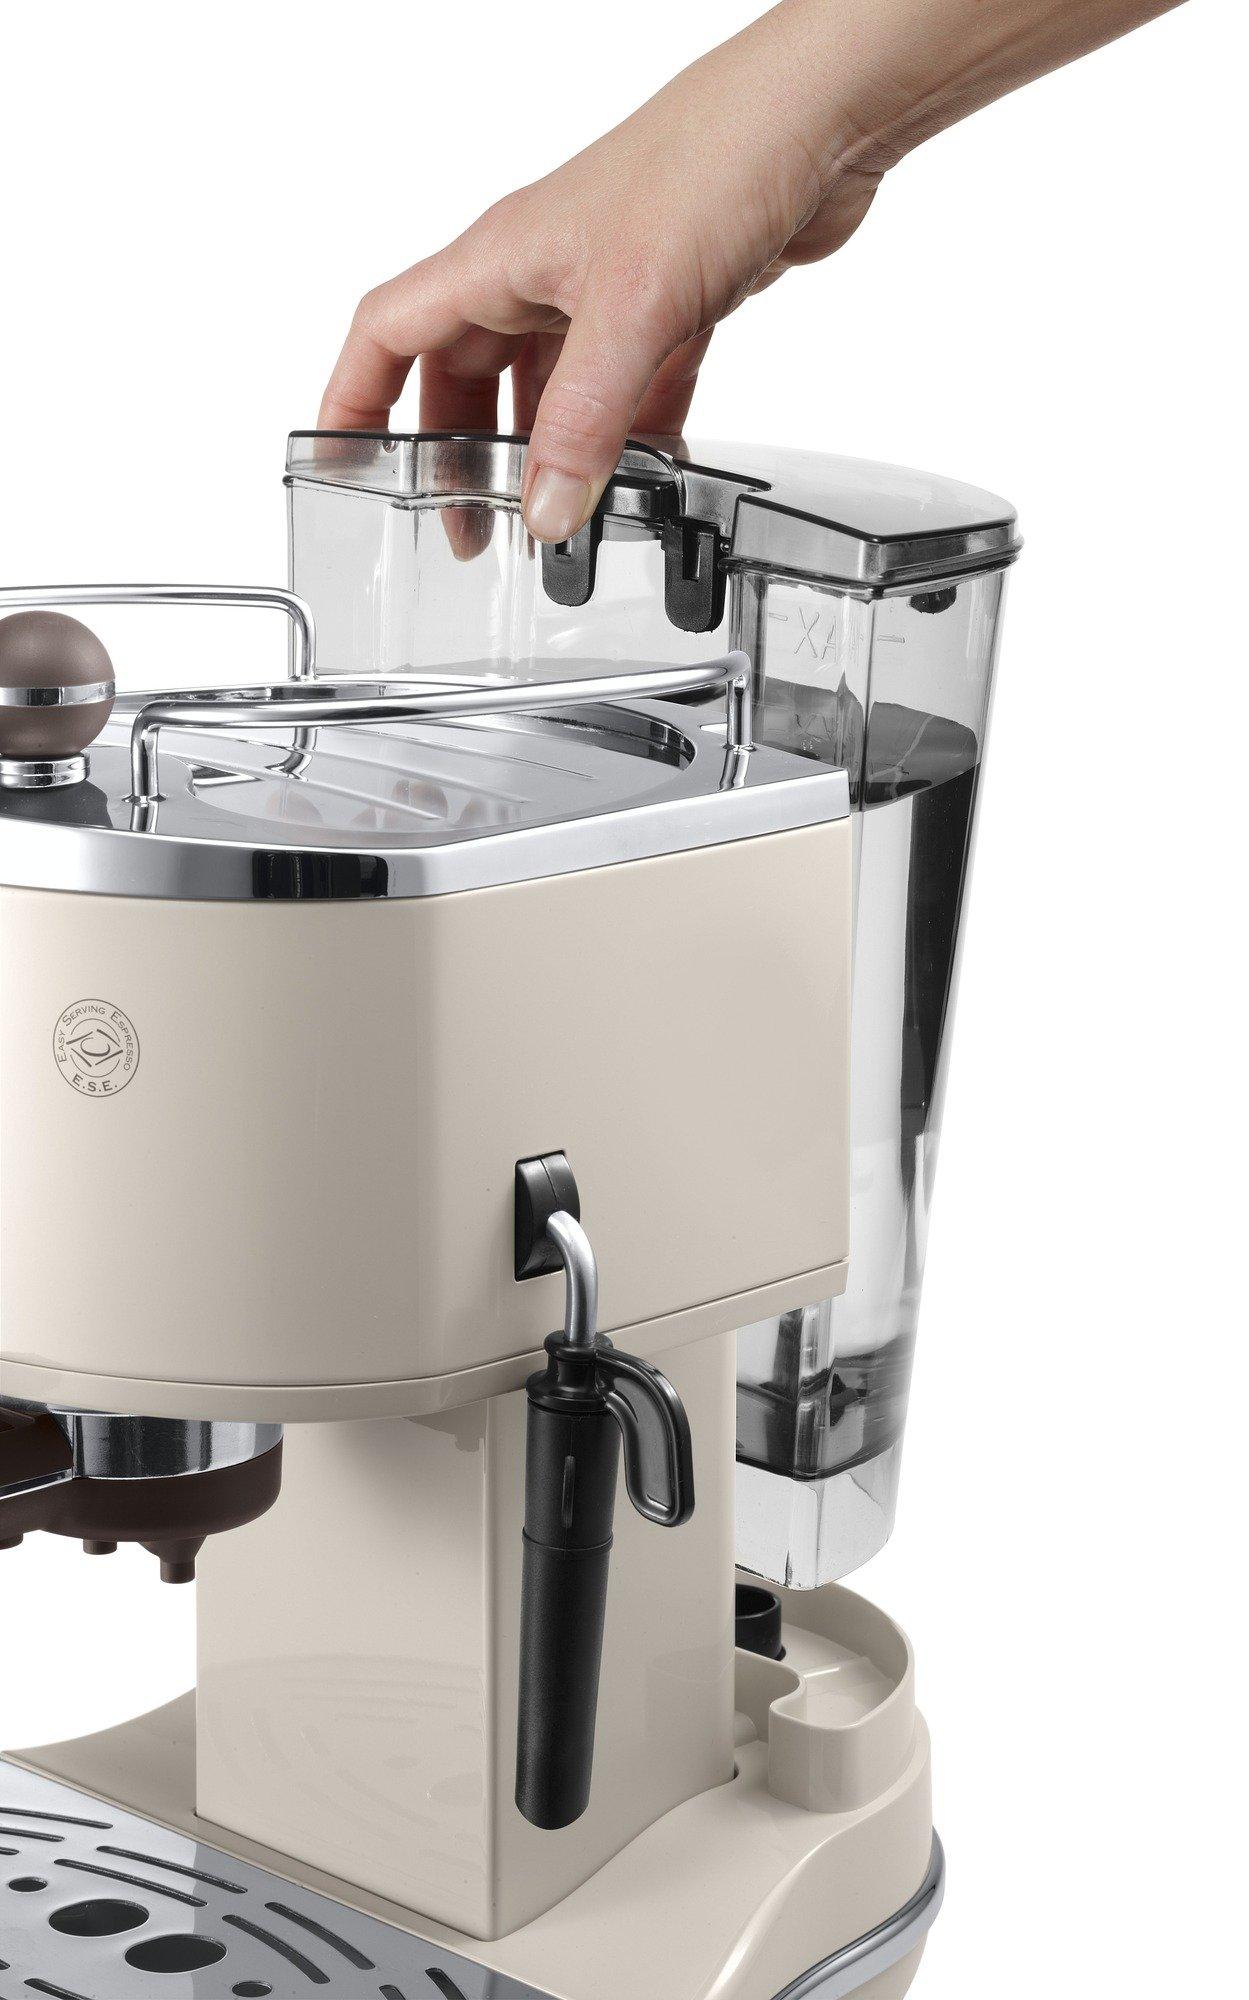 De'Longhi Icona Vintage ECOV 311.BG Macchina da Caffè Espresso Manuale e Cappuccino, Caffè in Polvere o in Cialde E.S.E… 3 spesavip